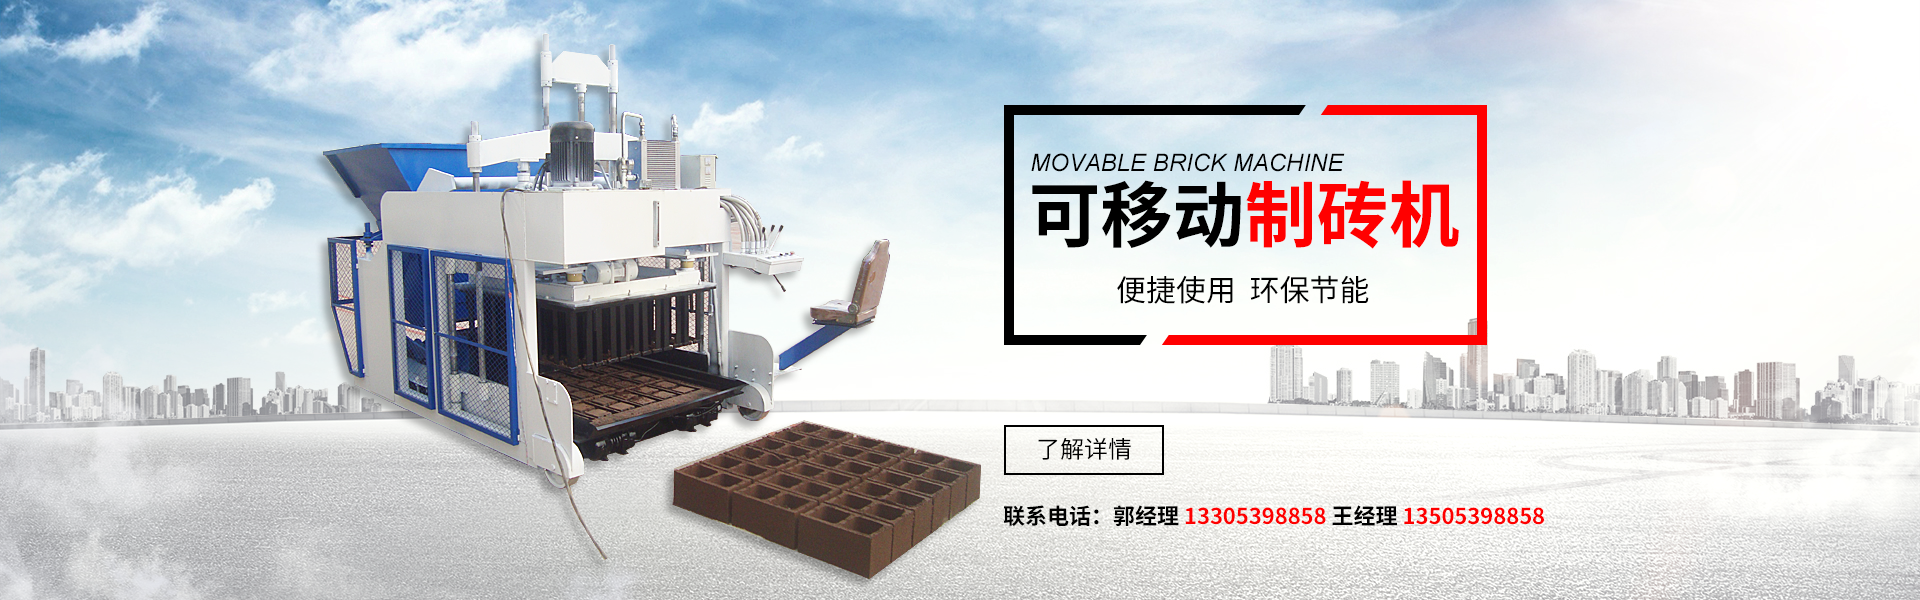 水泥花砖机,液压砖机,广场砖机,路沿石机